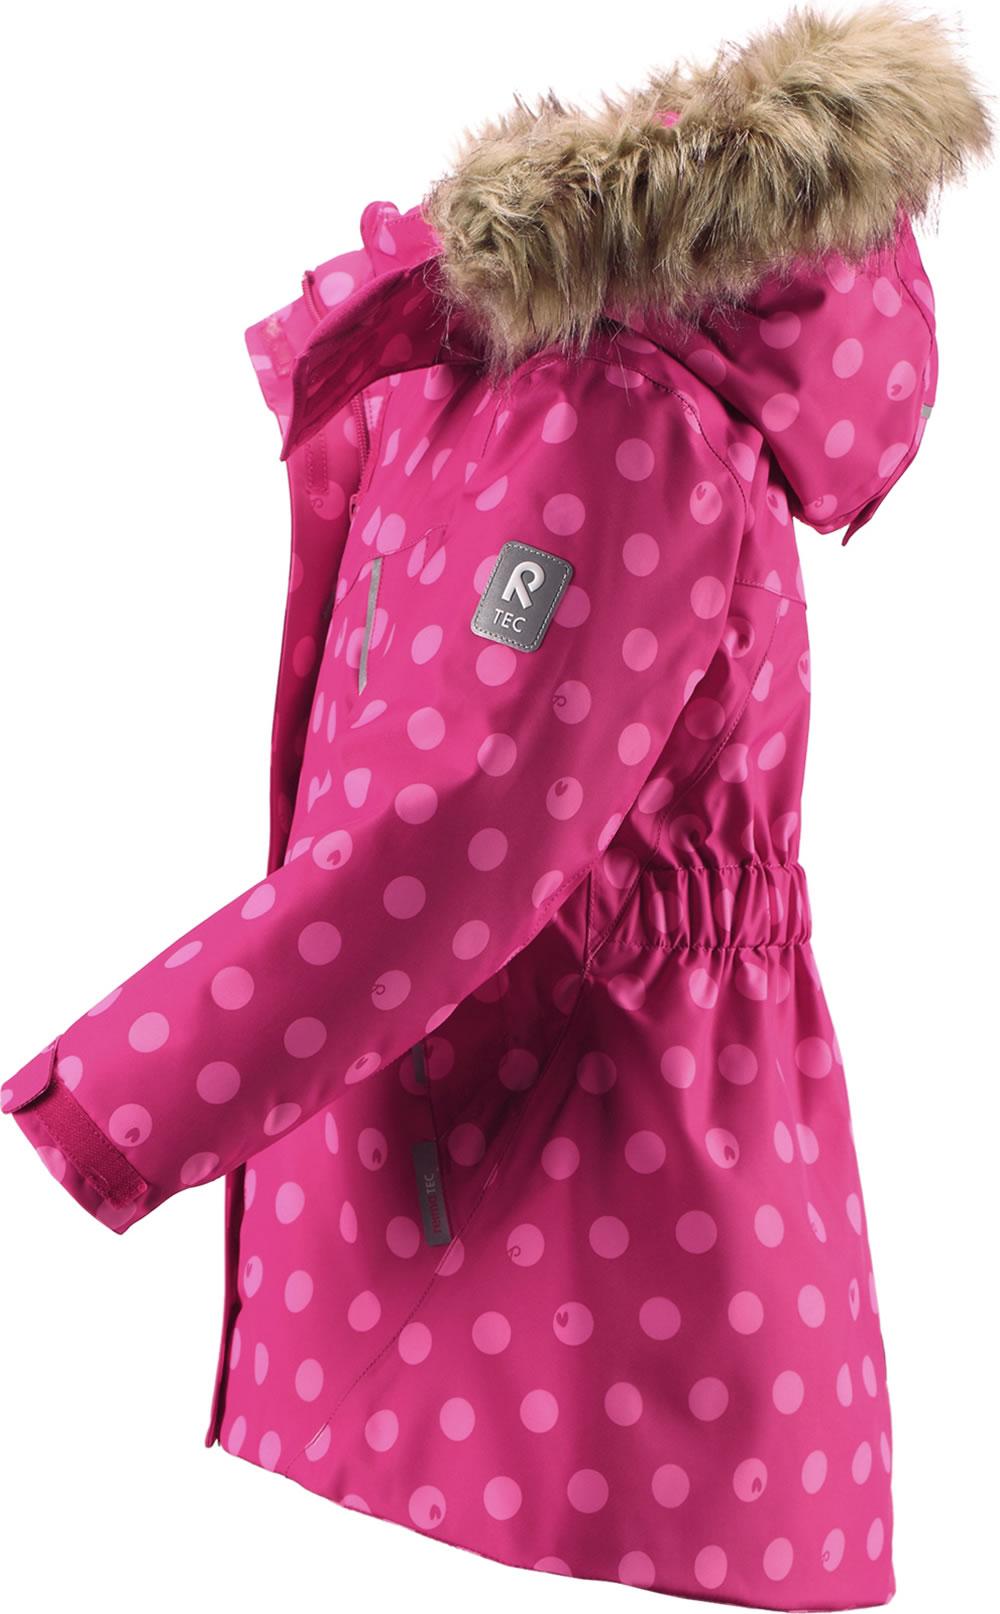 weit verbreitet außergewöhnliche Auswahl an Stilen und Farben beste Sammlung Reima Winterjacke Reimatec® MUHVI cranberry pink 521562-3602